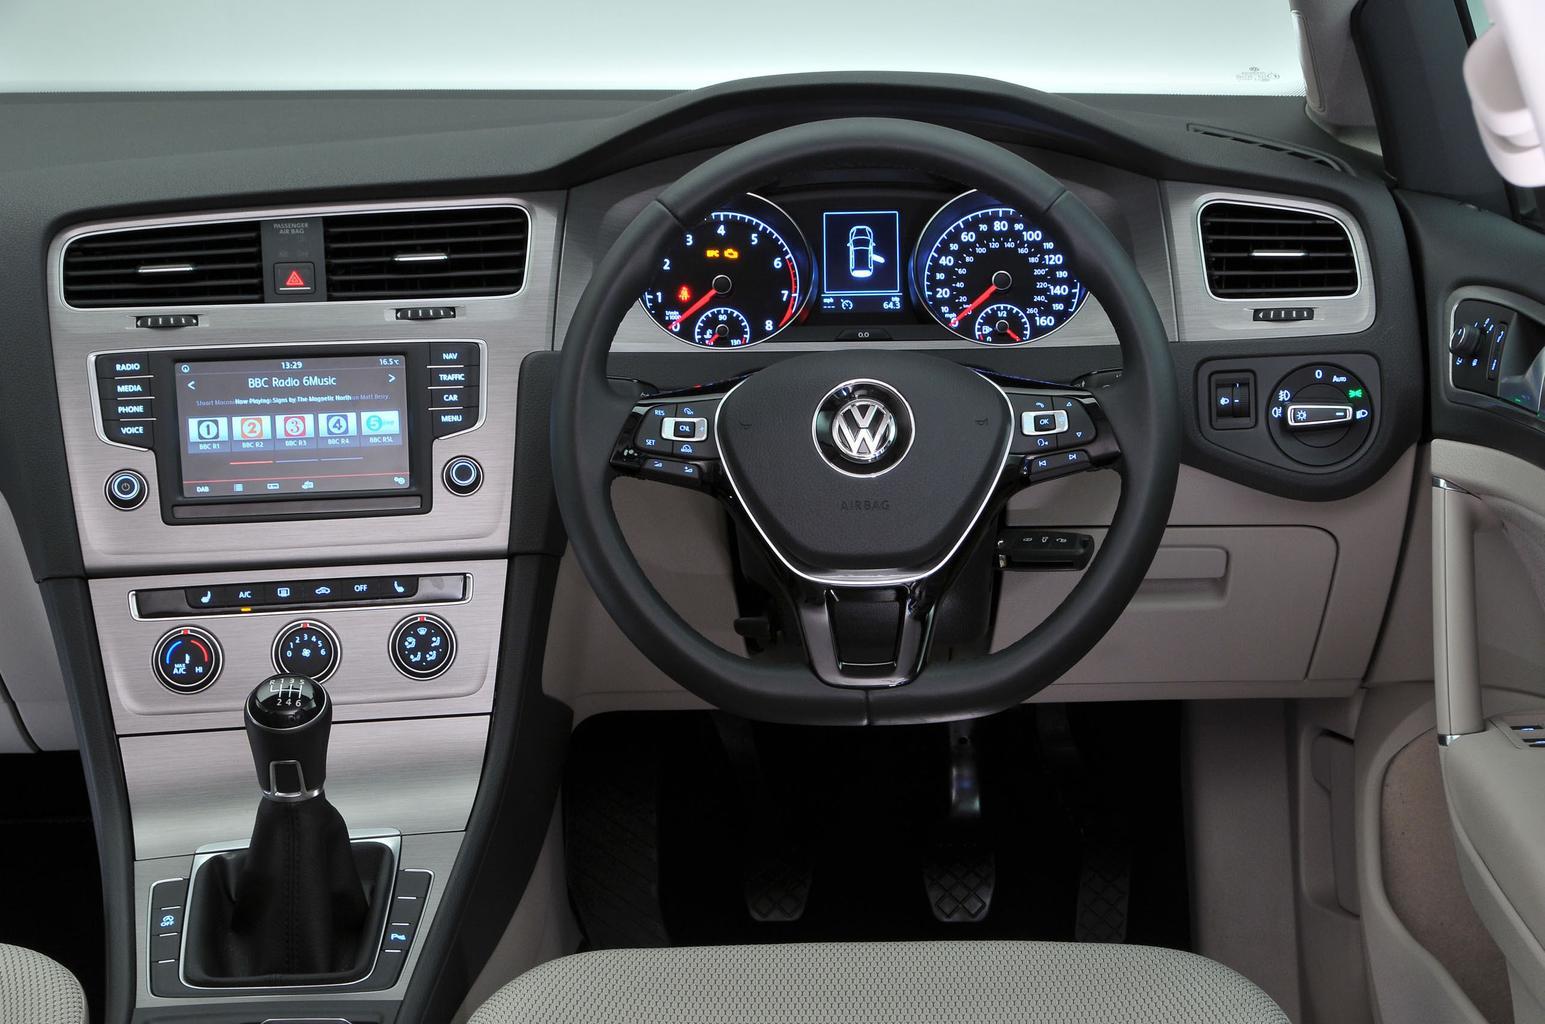 New Toyota Prius vs Mazda 3 vs Volkswagen Golf